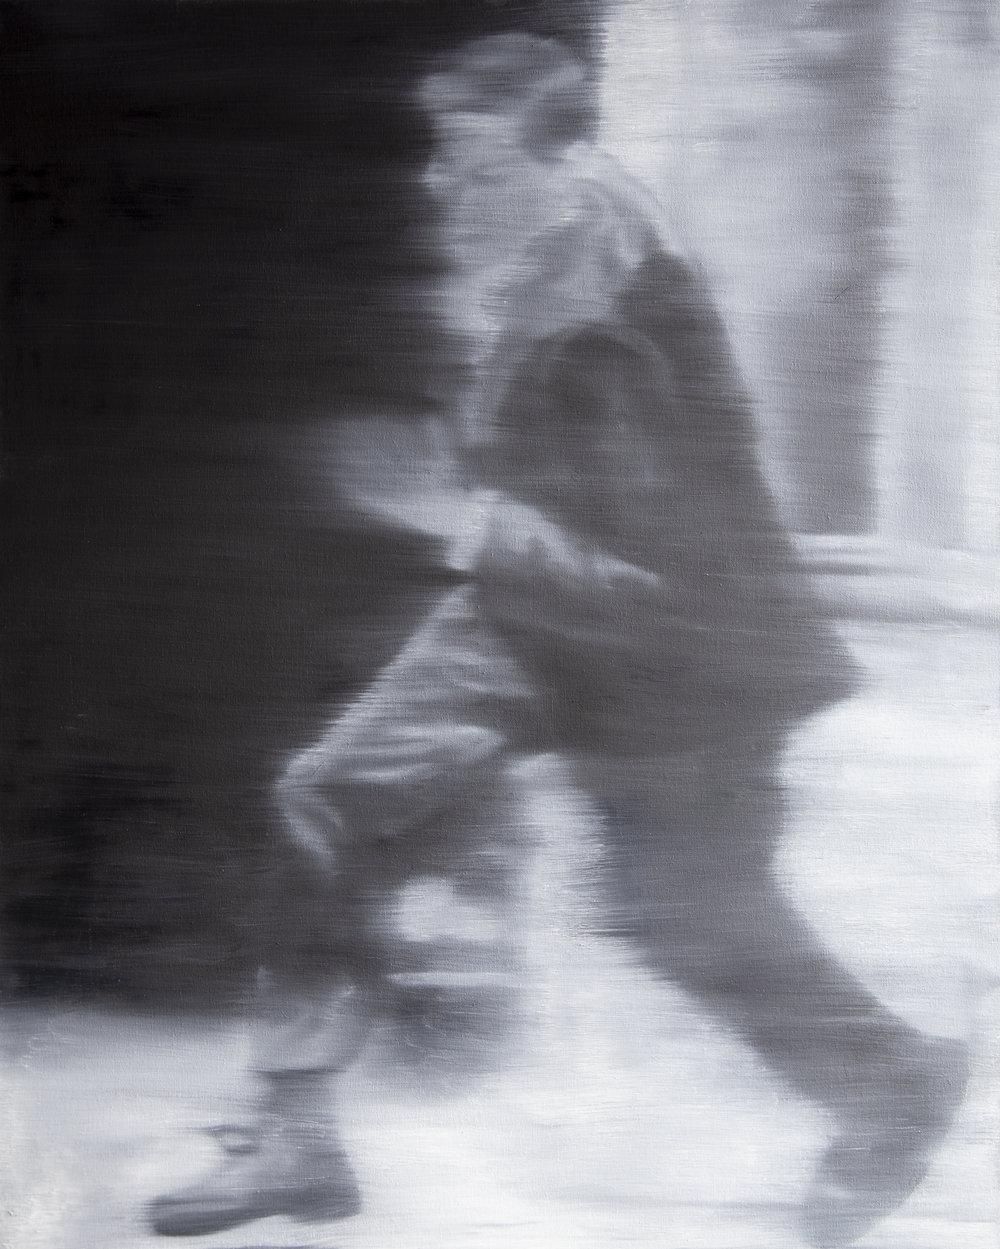 Man Running (1)